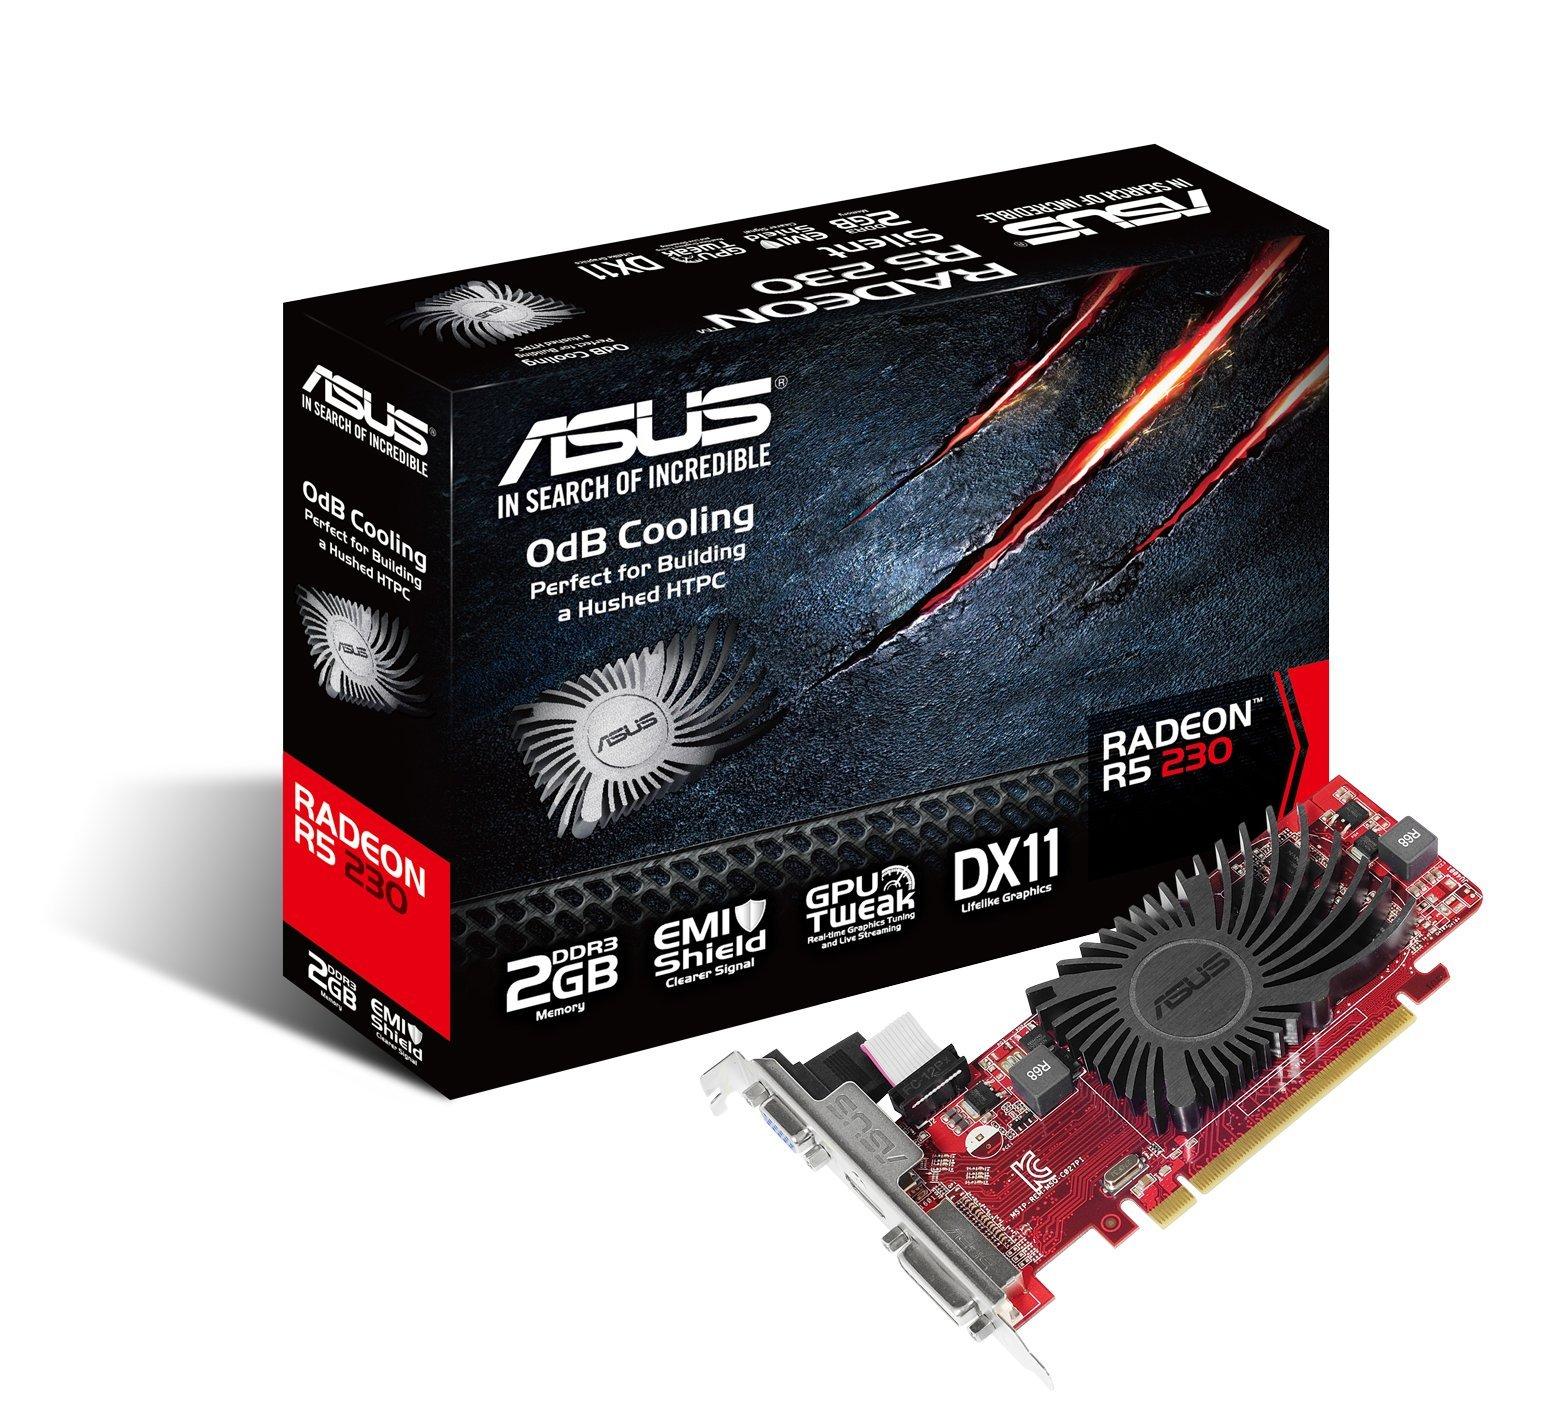 Asus Video Card R5230-SL-2GD3-L Radeon R5 230 2GB DDR3 64Bit PCI-Express DVI-D/HDMI/VGA Retail